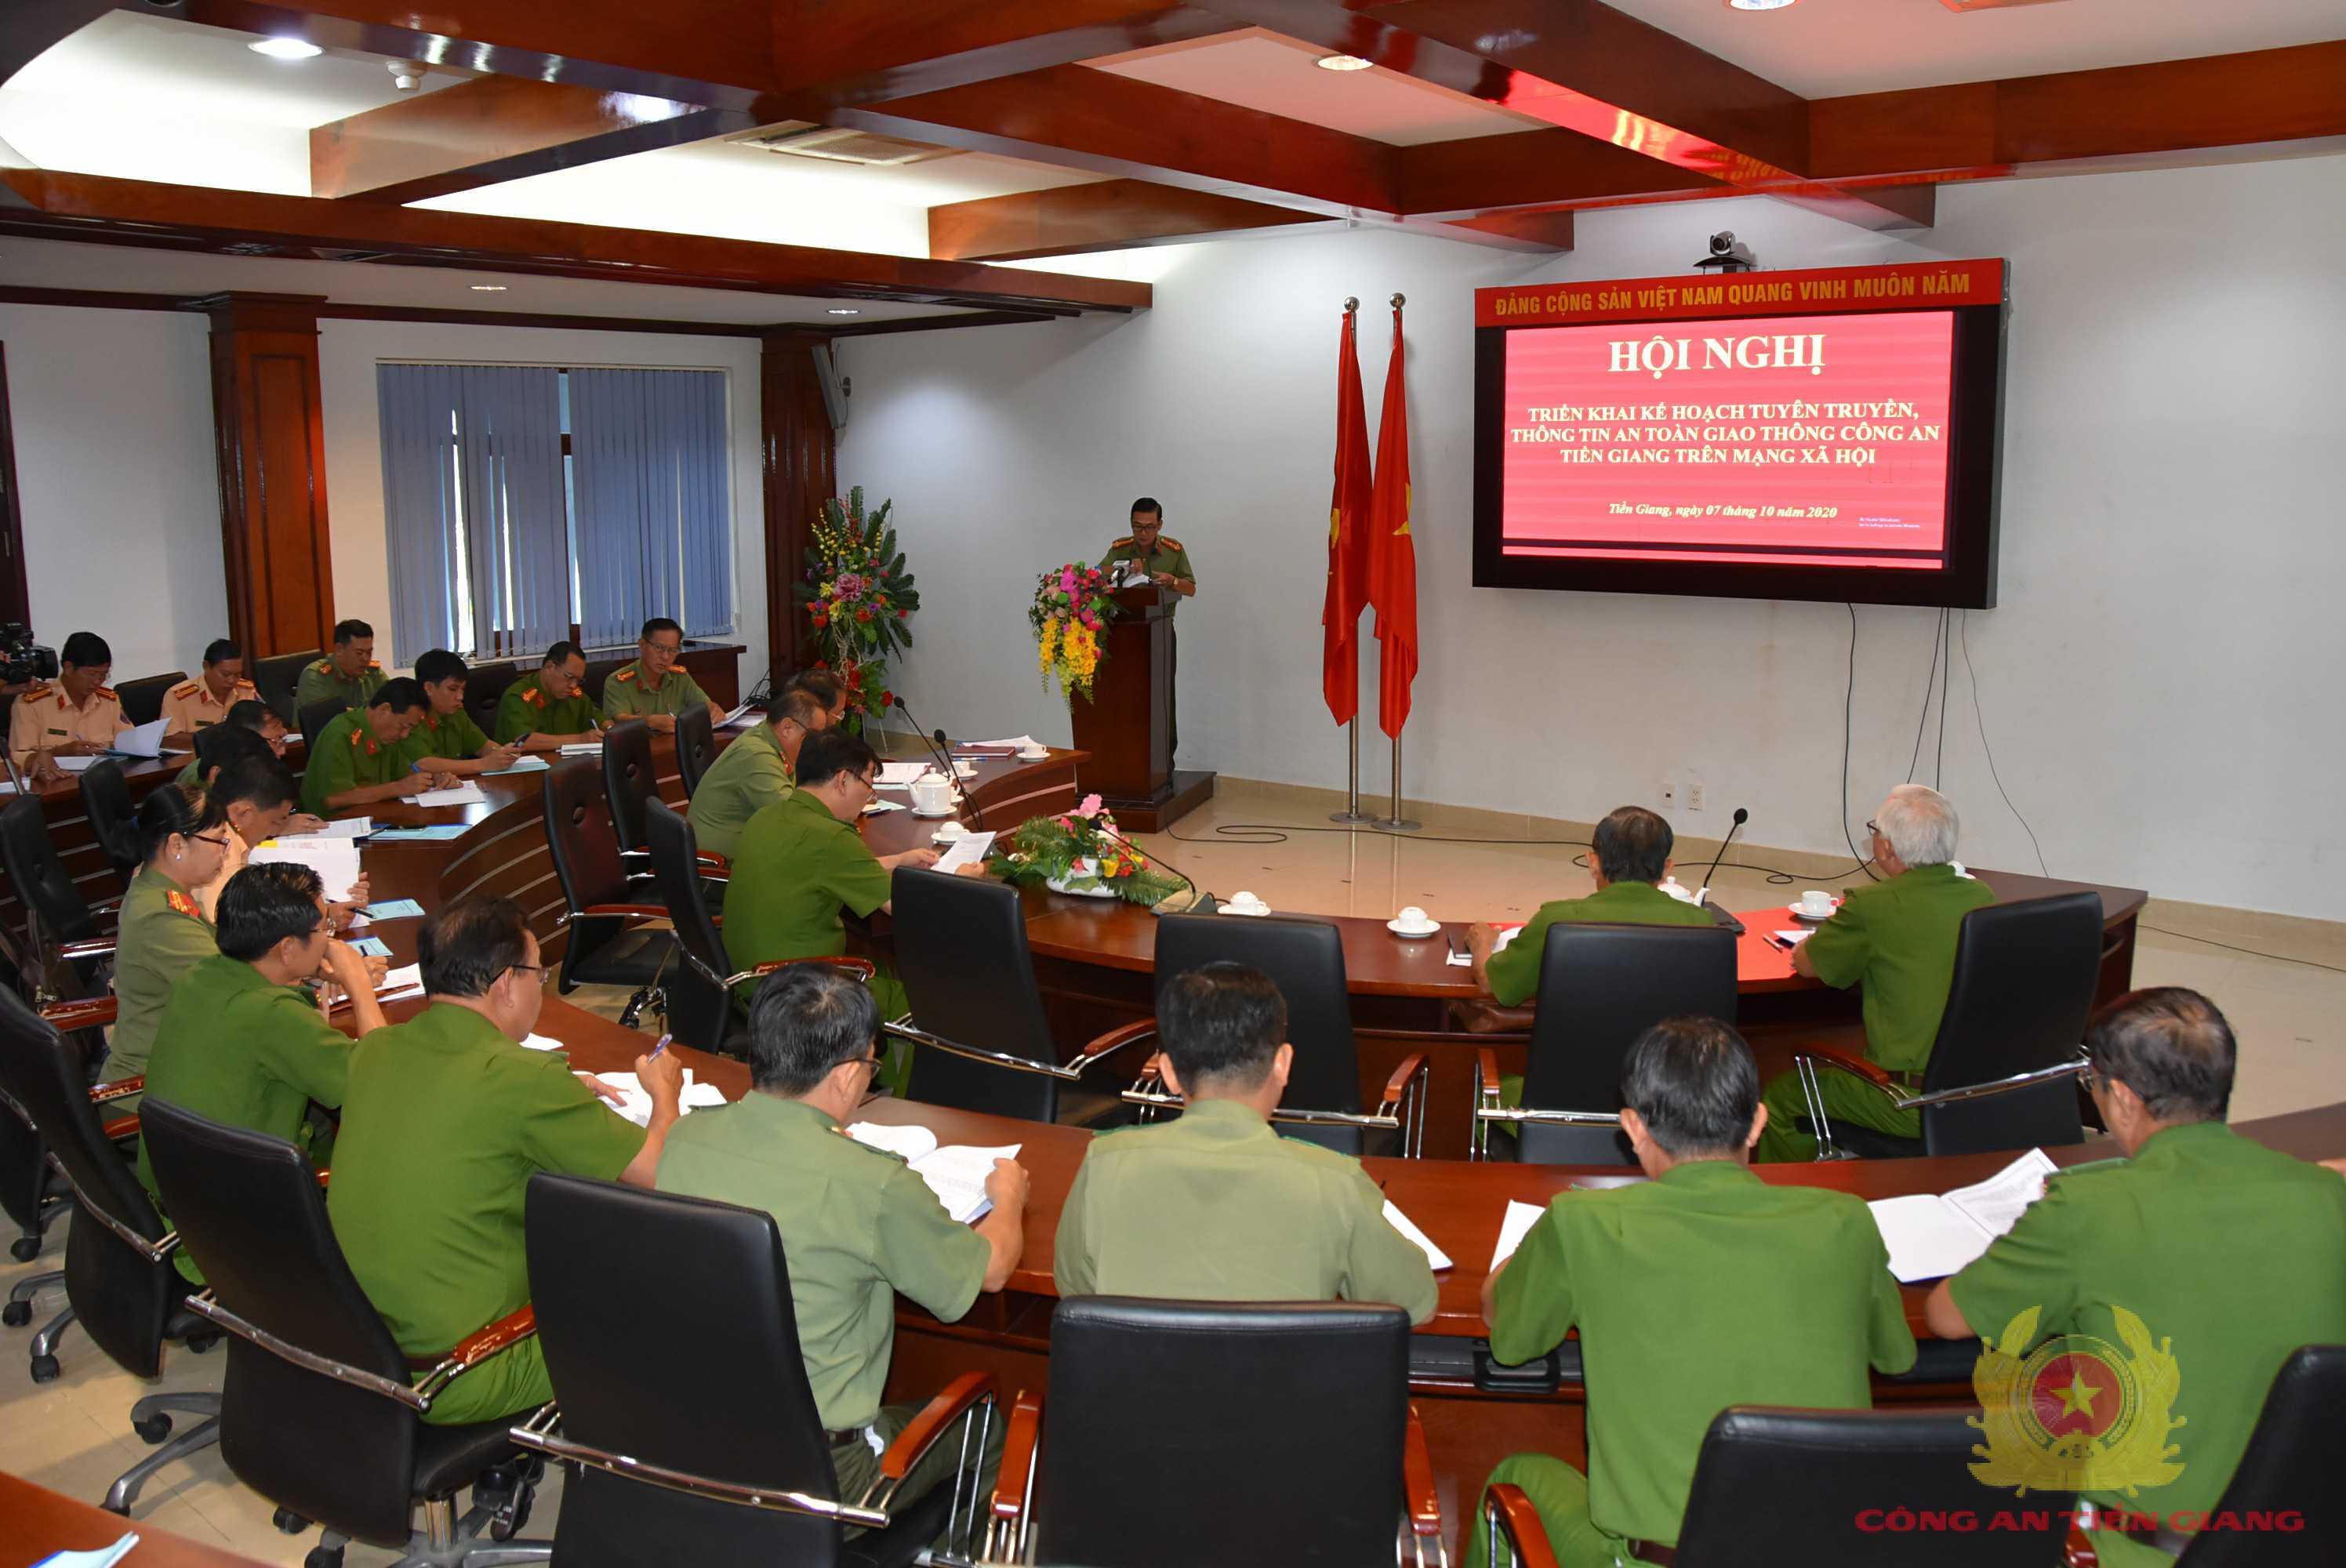 Công an Tiền Giang ứng dụng Zalo vào tuyên truyền an toàn giao thông - Ảnh 1.